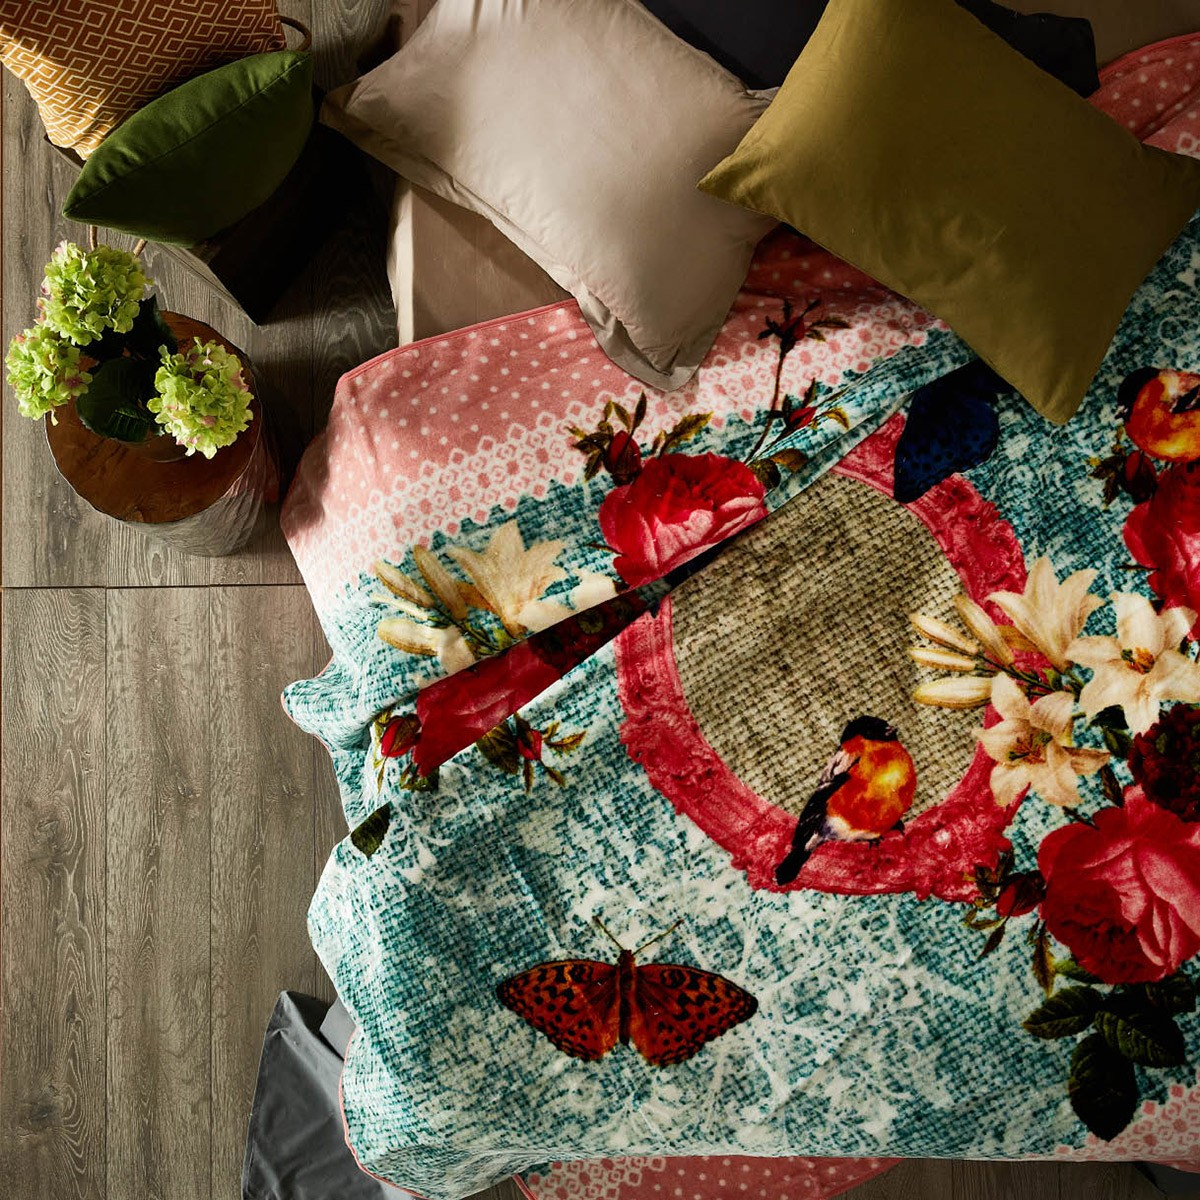 Κουβέρτα Βελουτέ Υπέρδιπλη White Egg 3D KB2 home   κρεβατοκάμαρα   κουβέρτες   κουβέρτες βελουτέ υπέρδιπλες